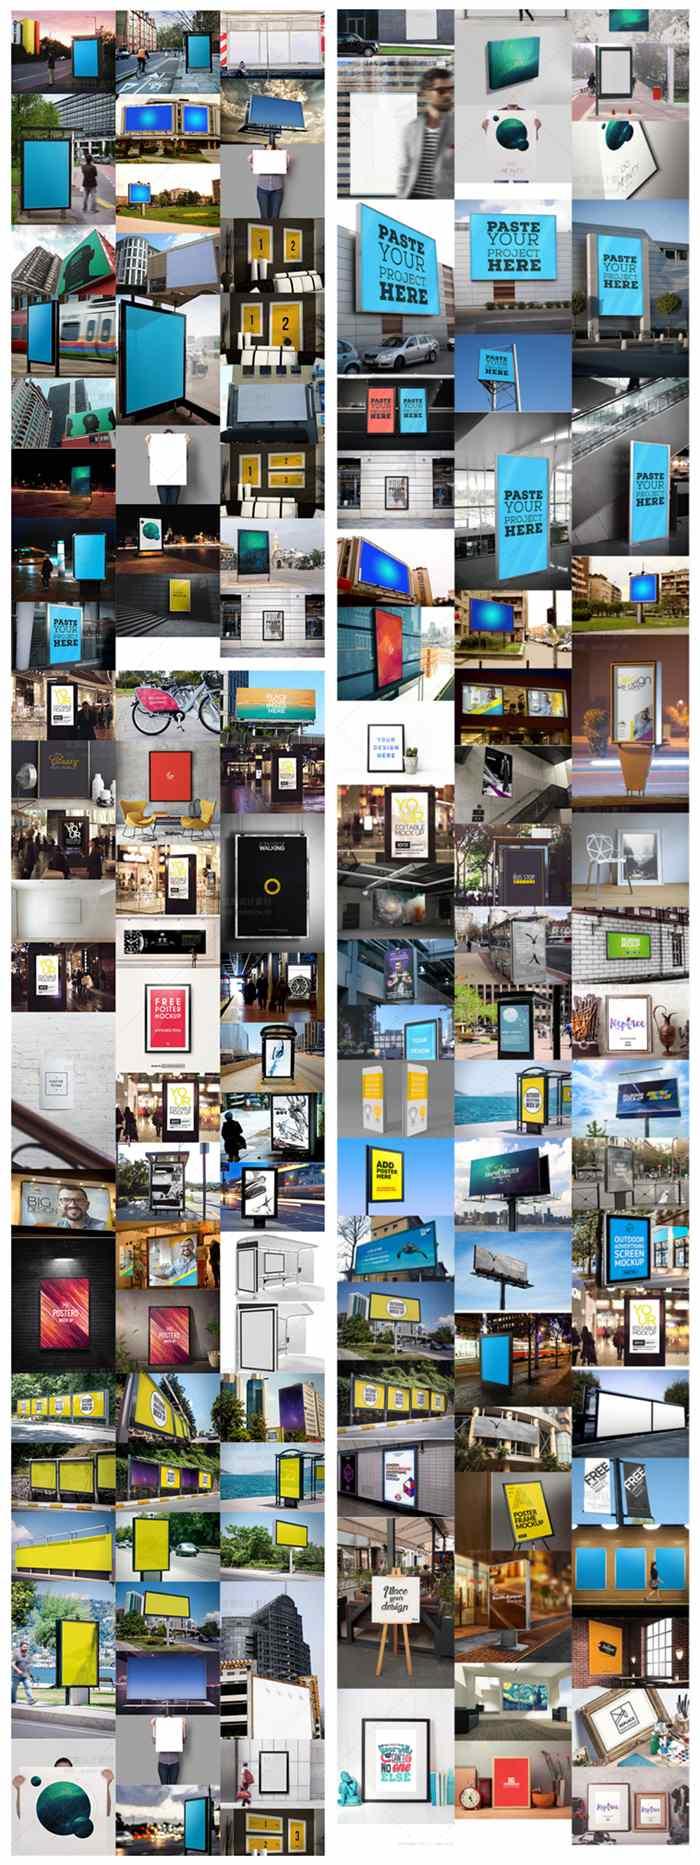 海报样机户外广告牌路灯箱公交站效果图VI智能贴图PSD设计素材插图